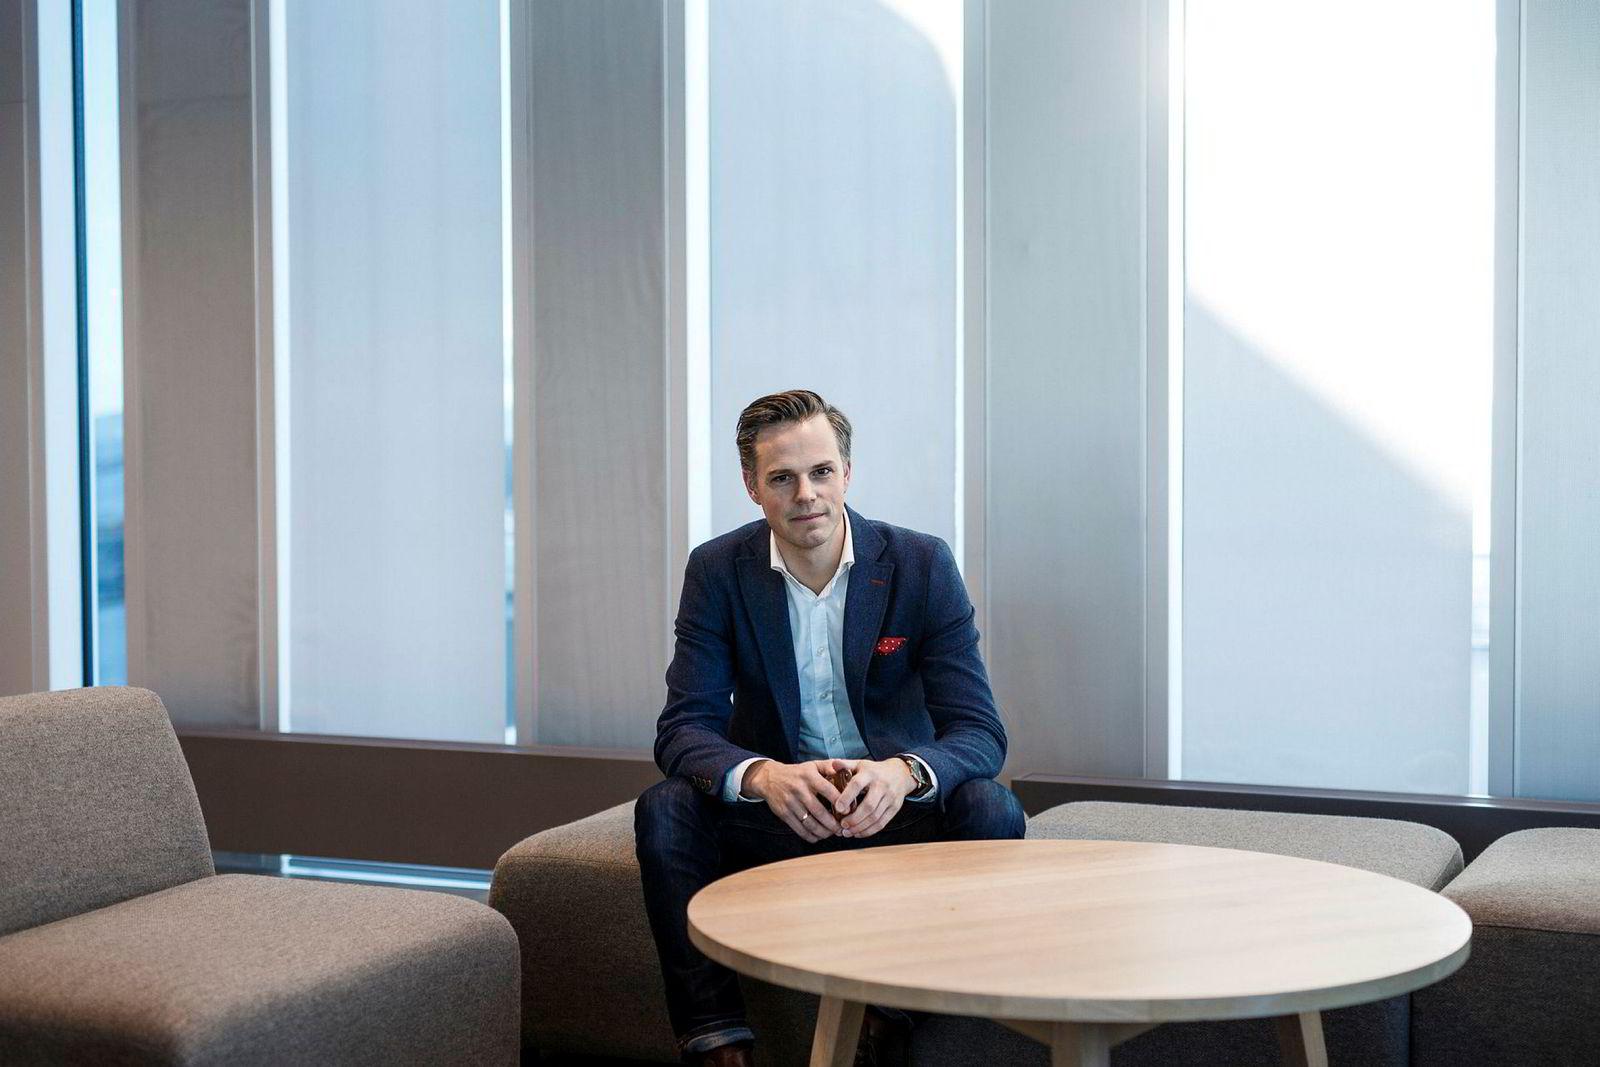 DNBs informasjonssjef Even Westerveld sier teknologien ikke gir nok fremskritt for norske banker, sammenlignet med kostnadene.